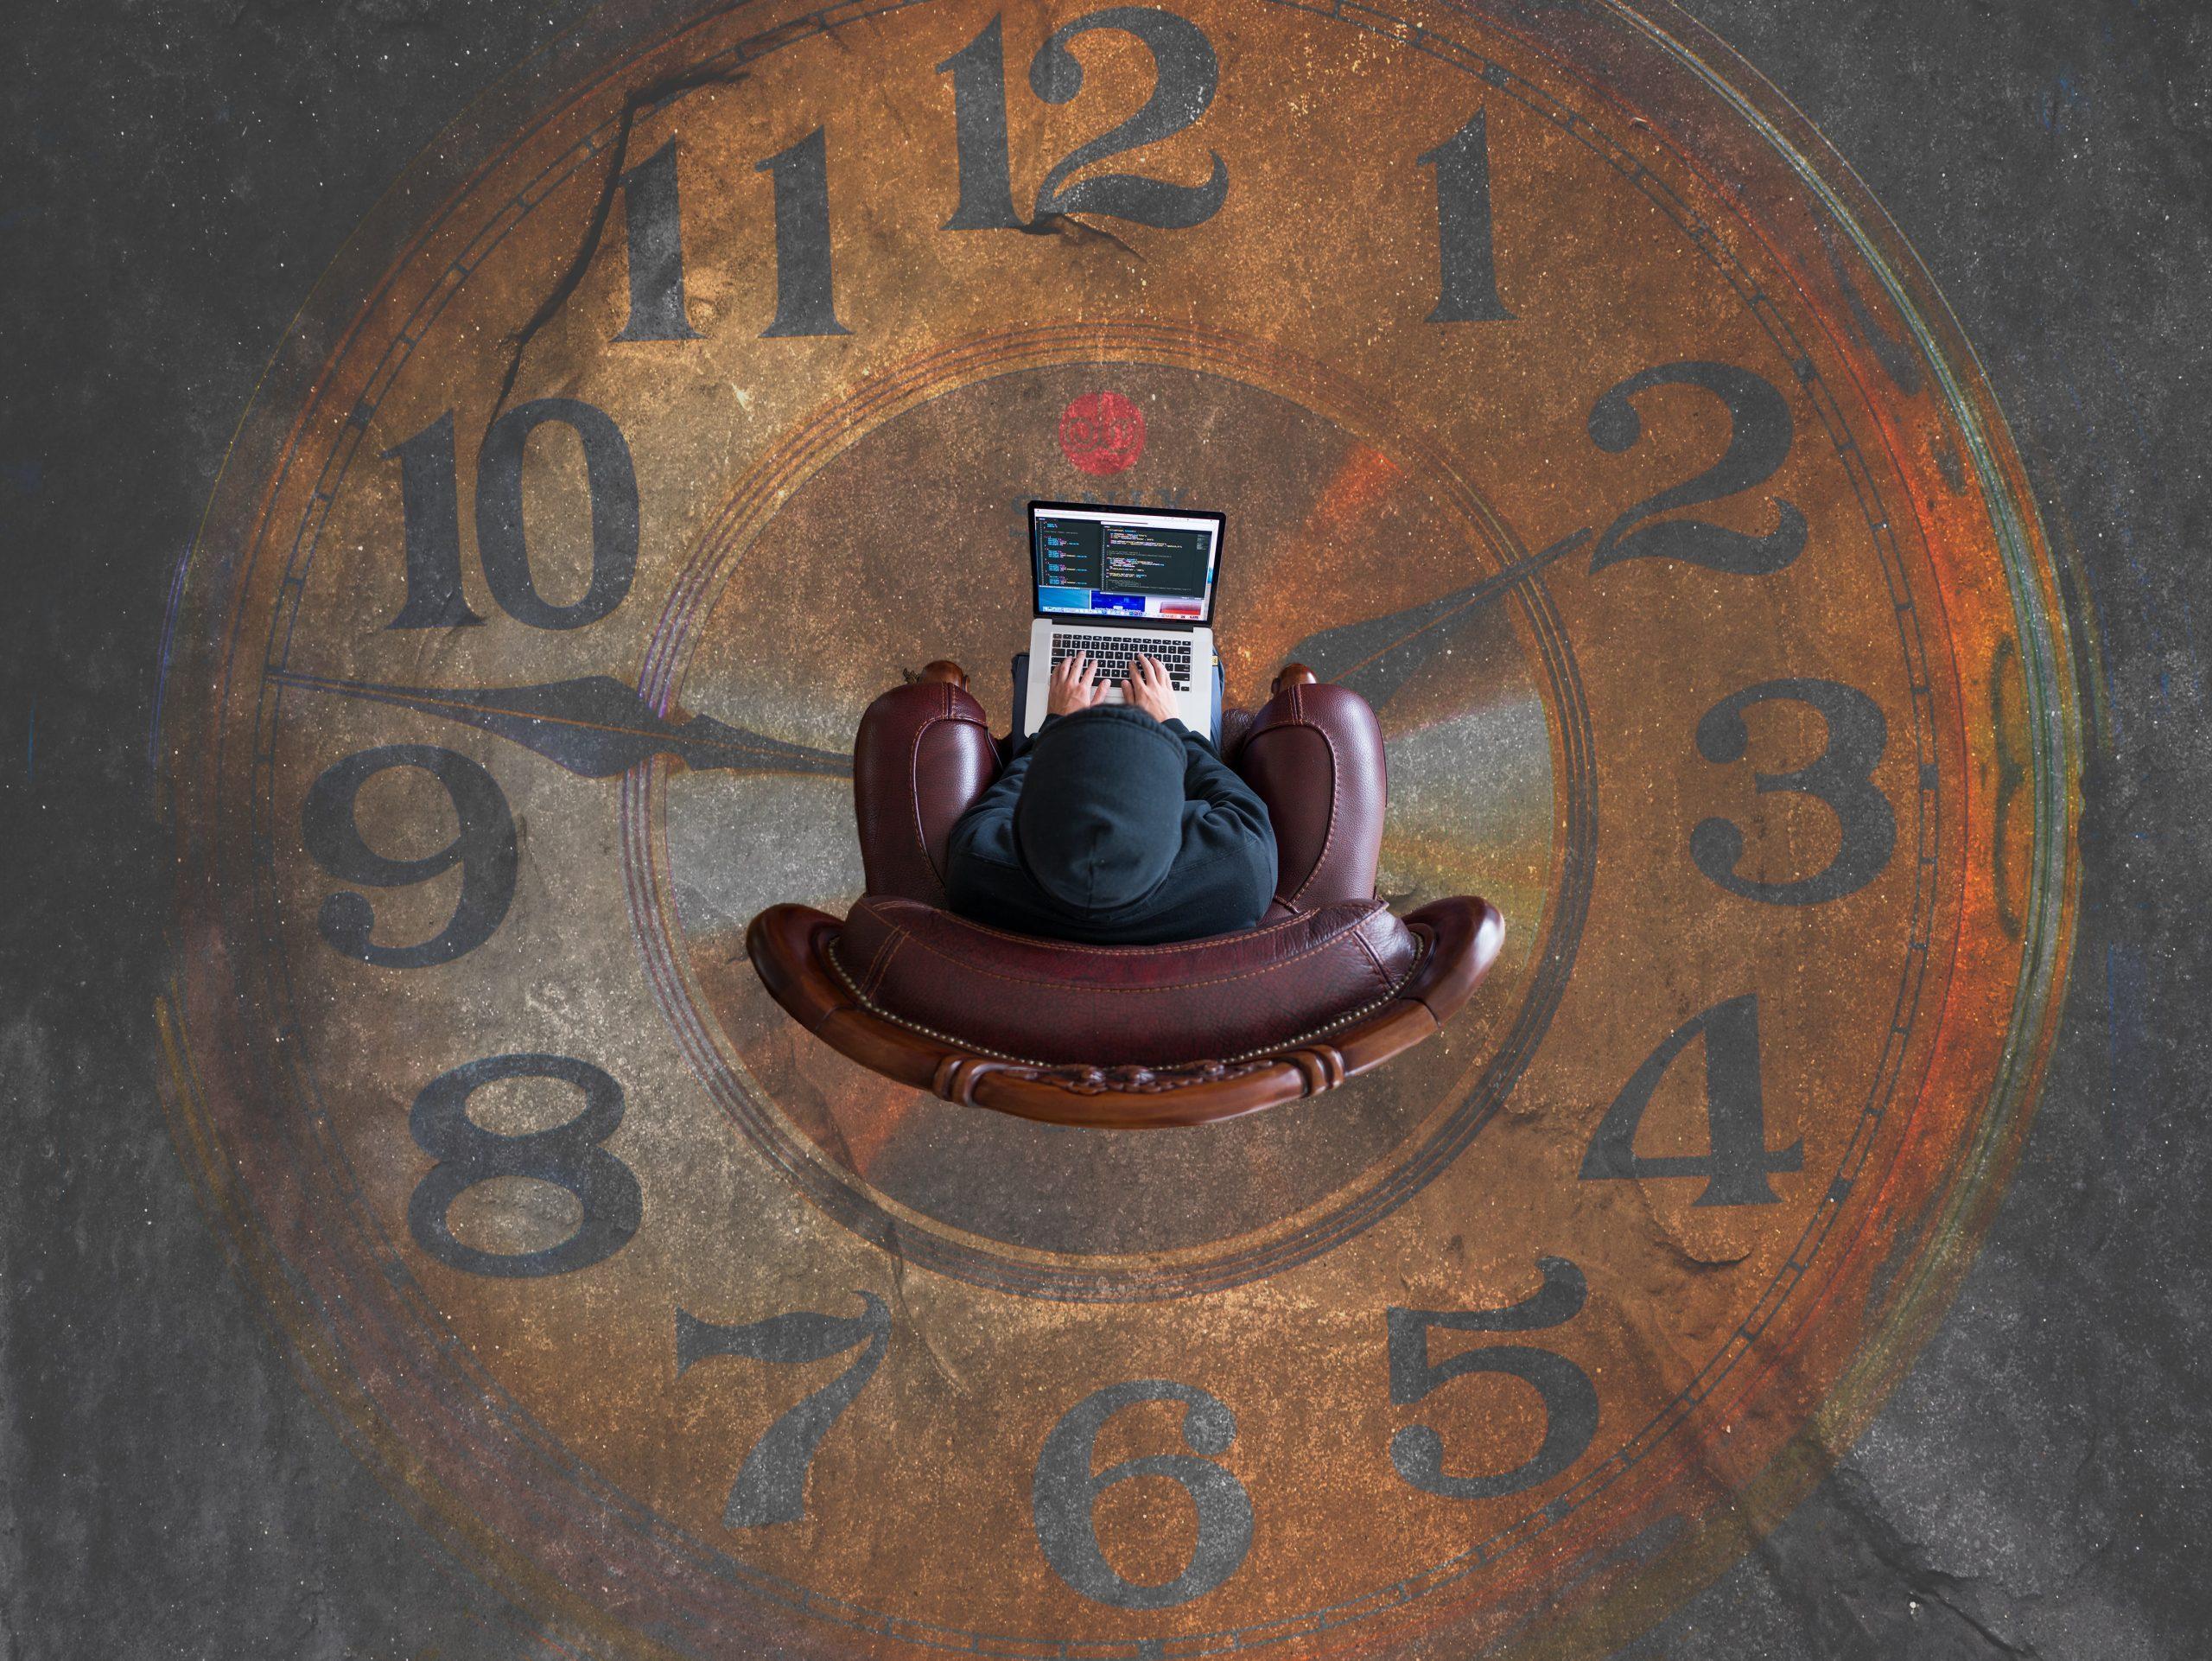 homme assis au milieu 'une horloge